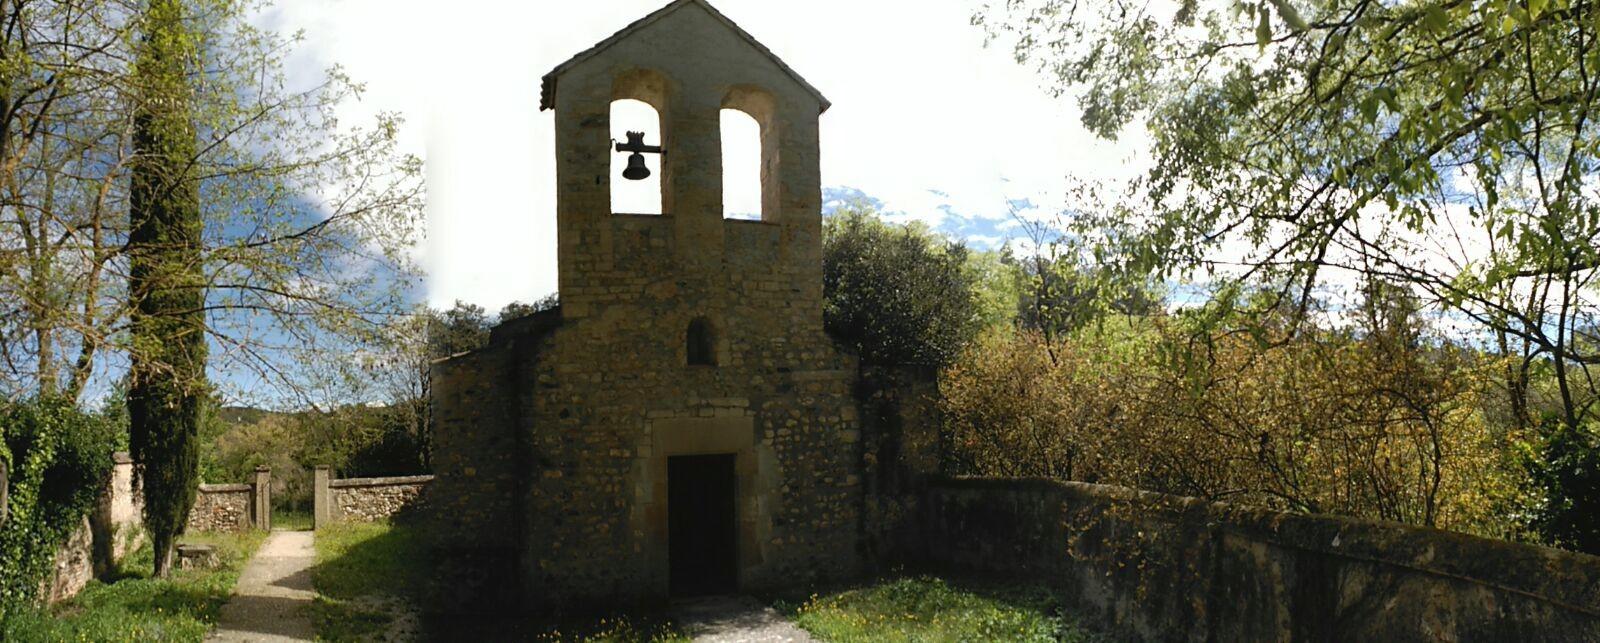 Fotografia de l'església de sant Iscle